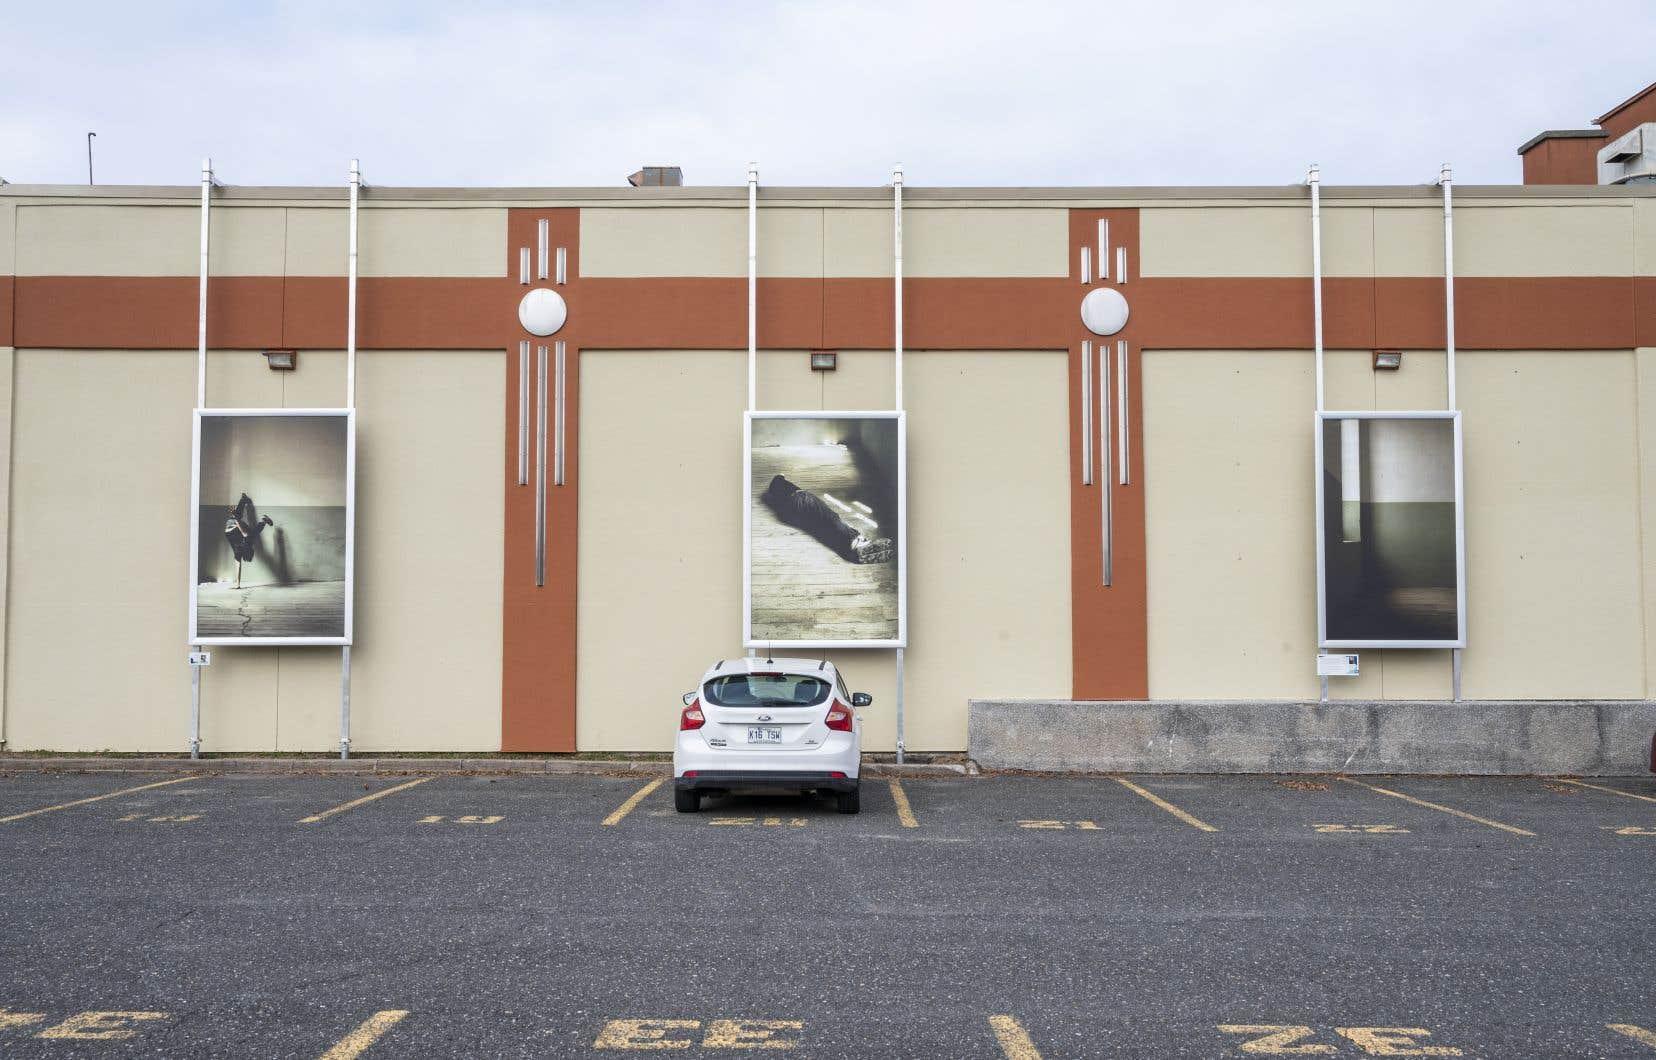 De Yann Pocreau, on propose des images réalisées en Espagne, la série «Se fueron los curas» (2007), qui découle d'un exercice où le corps de l'artiste tente de redonner vie à des architectures abandonnées, à Drummondville.